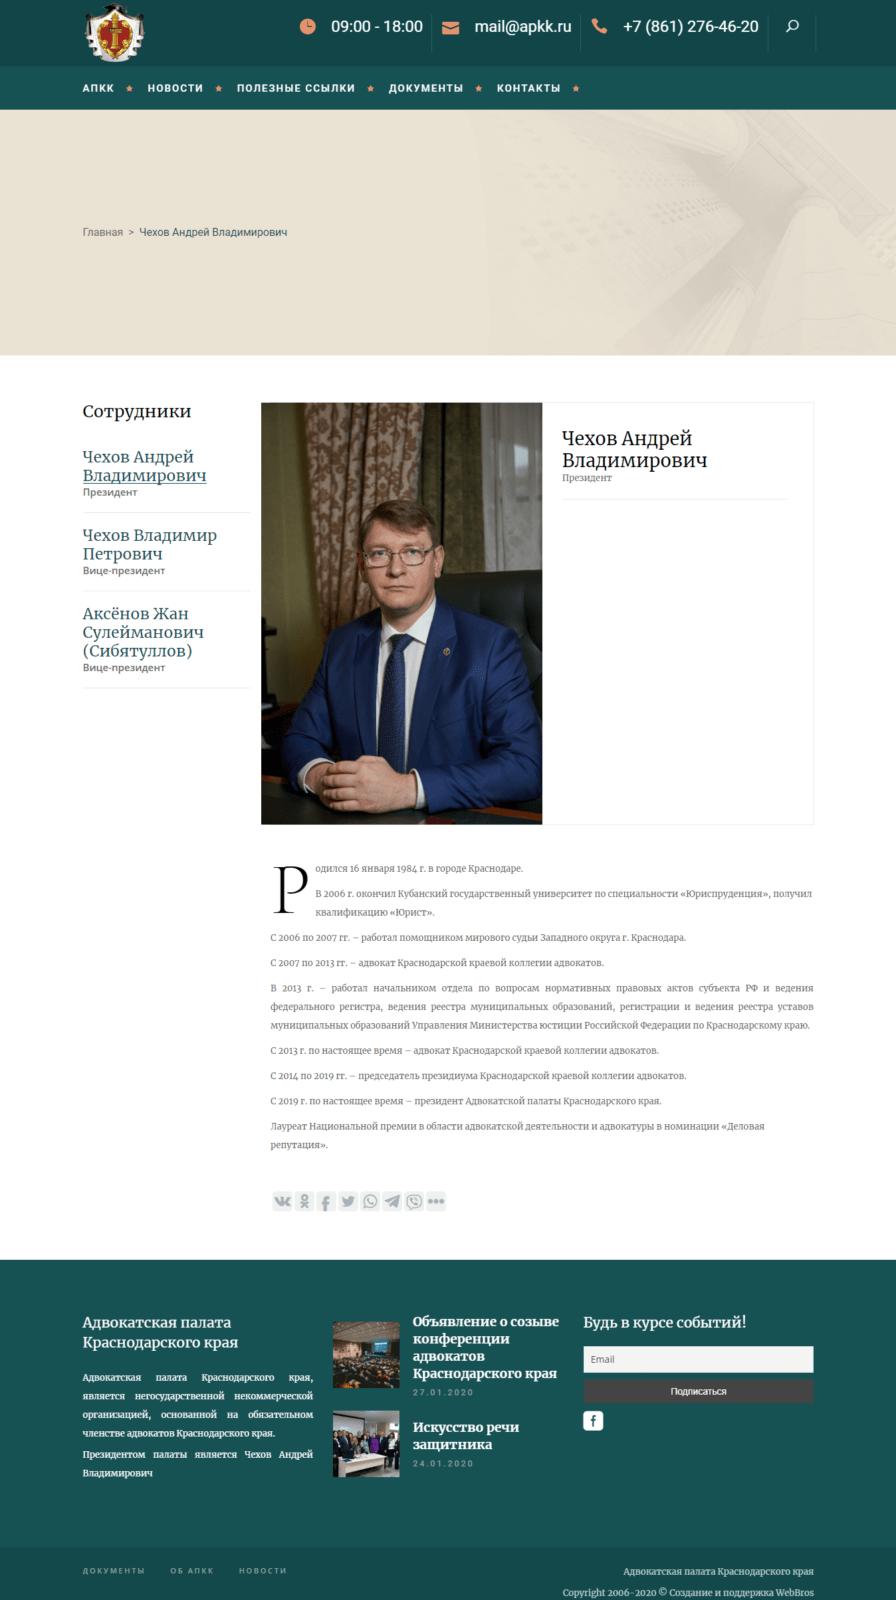 Сайт Адвокатской палаты Краснодарского края